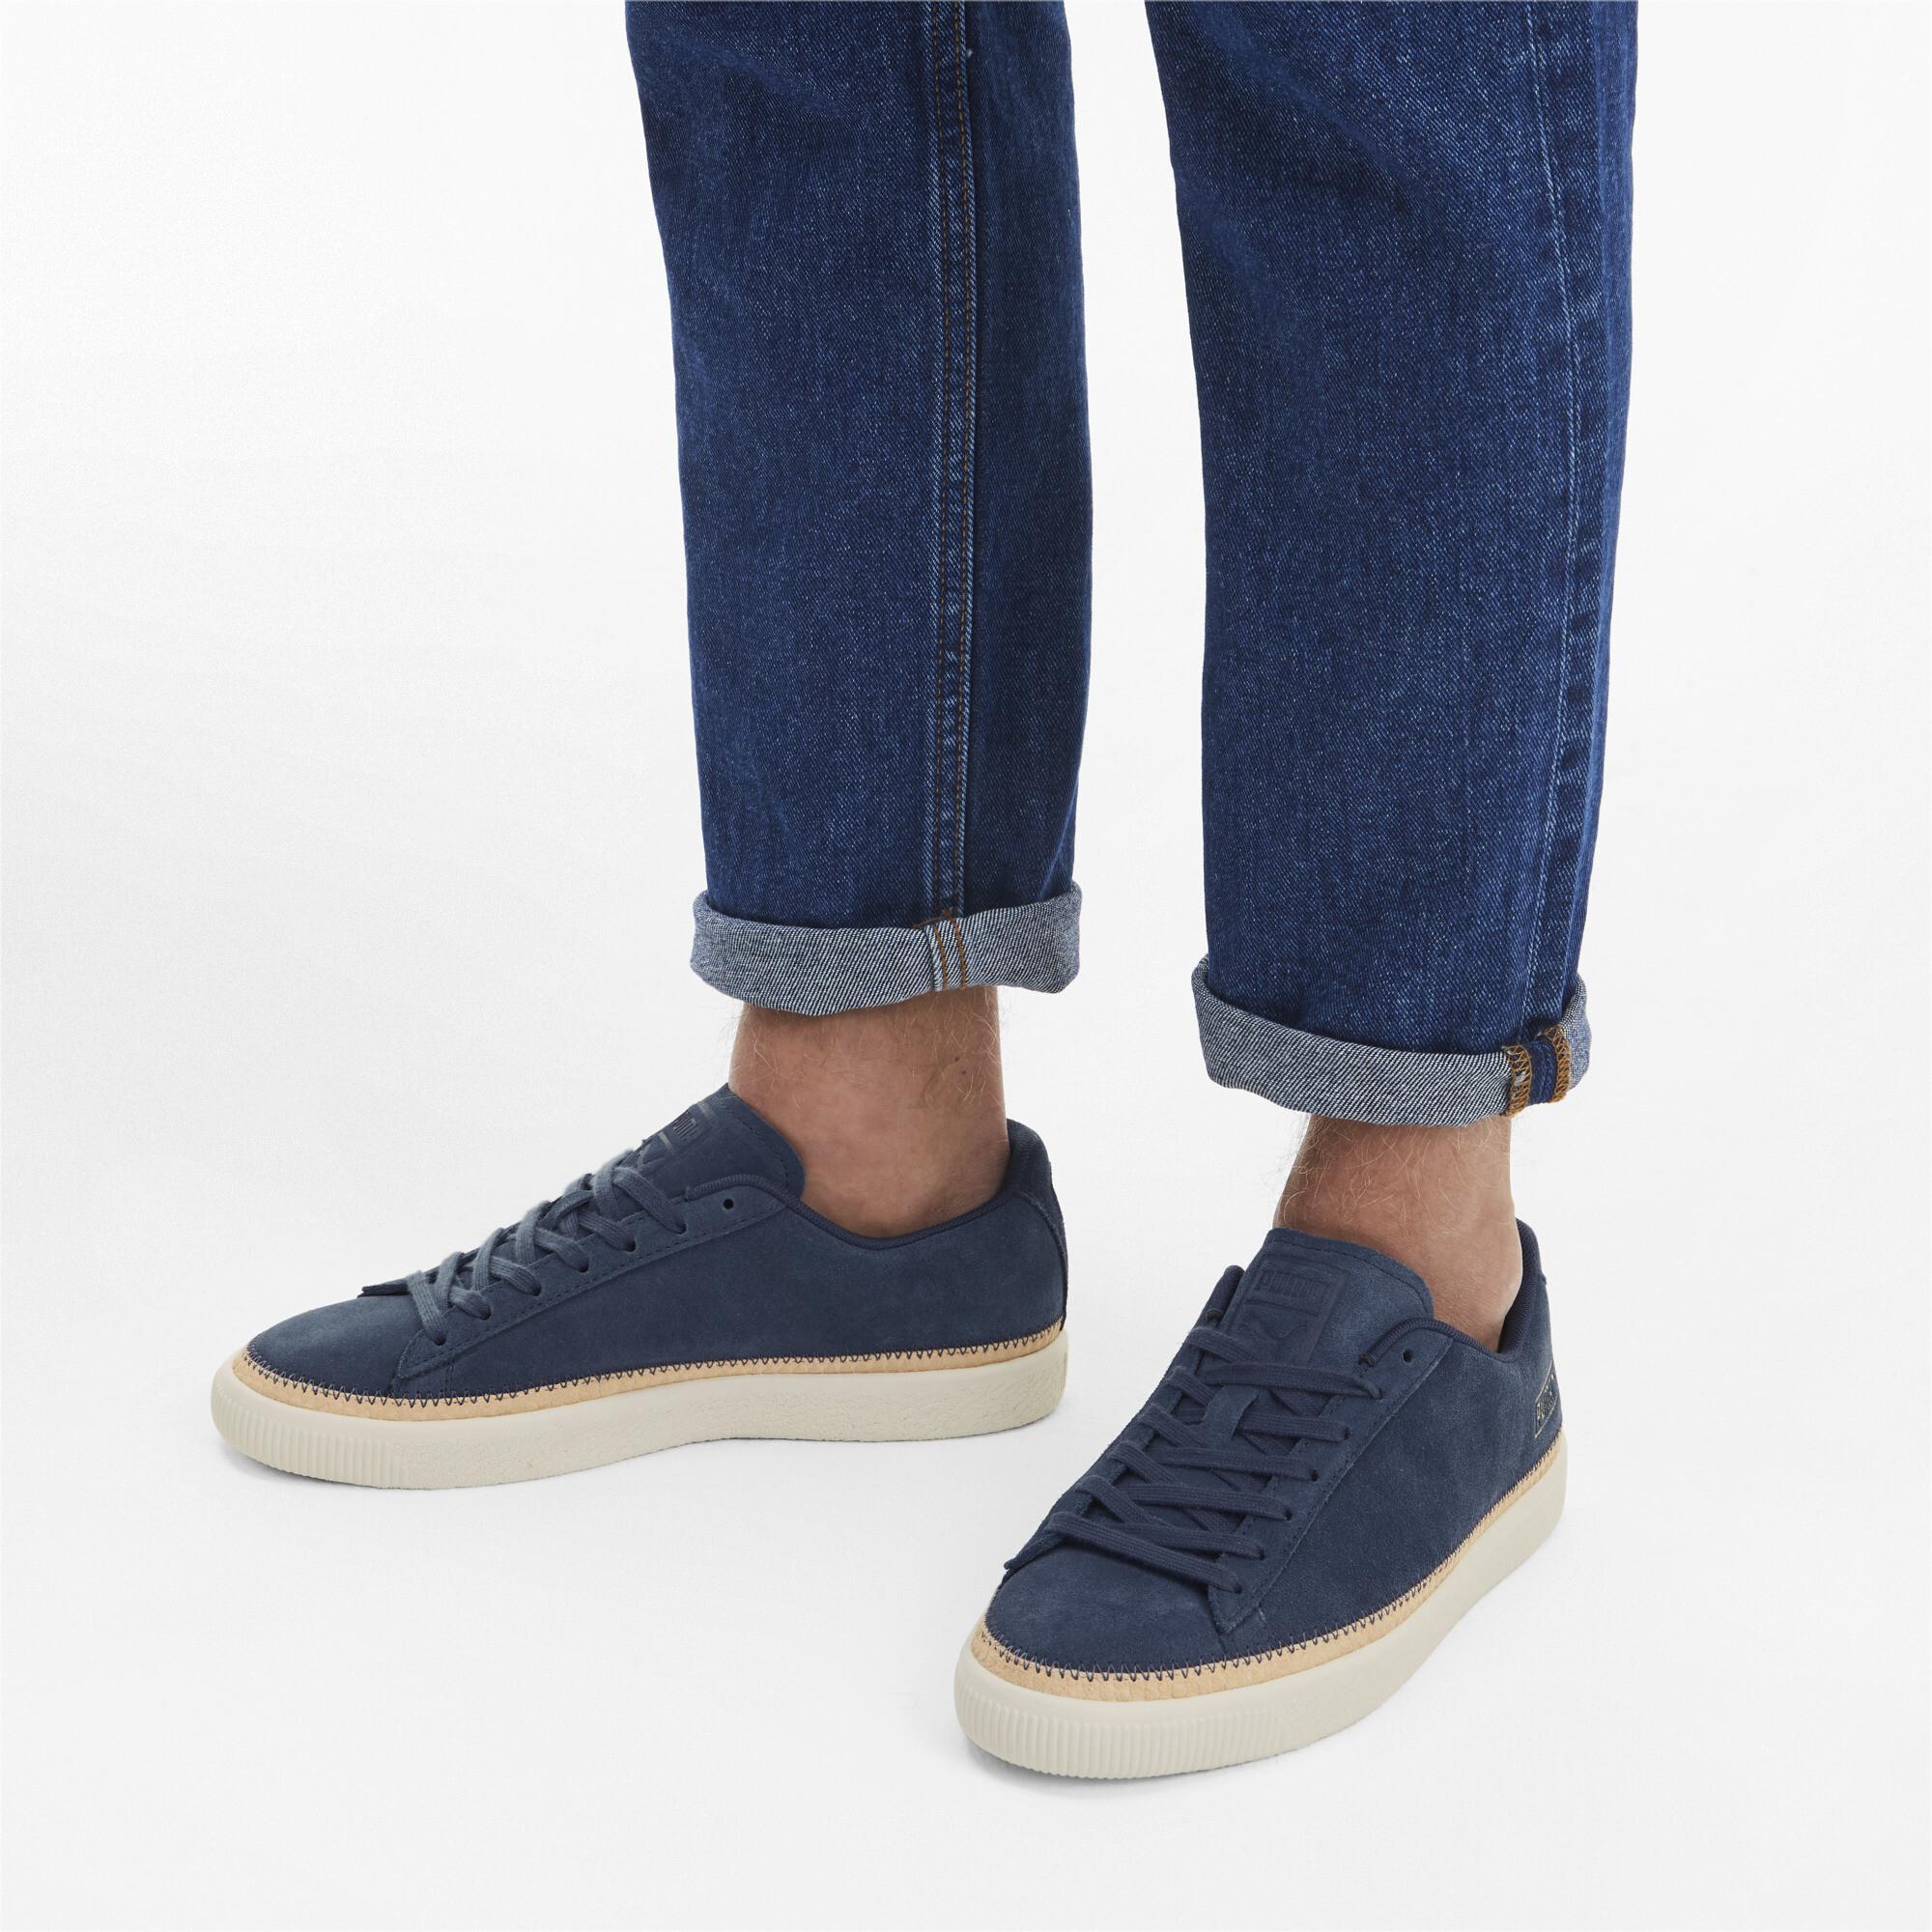 PUMA-Men-039-s-Suede-Trim-DLX-Sneakers thumbnail 12